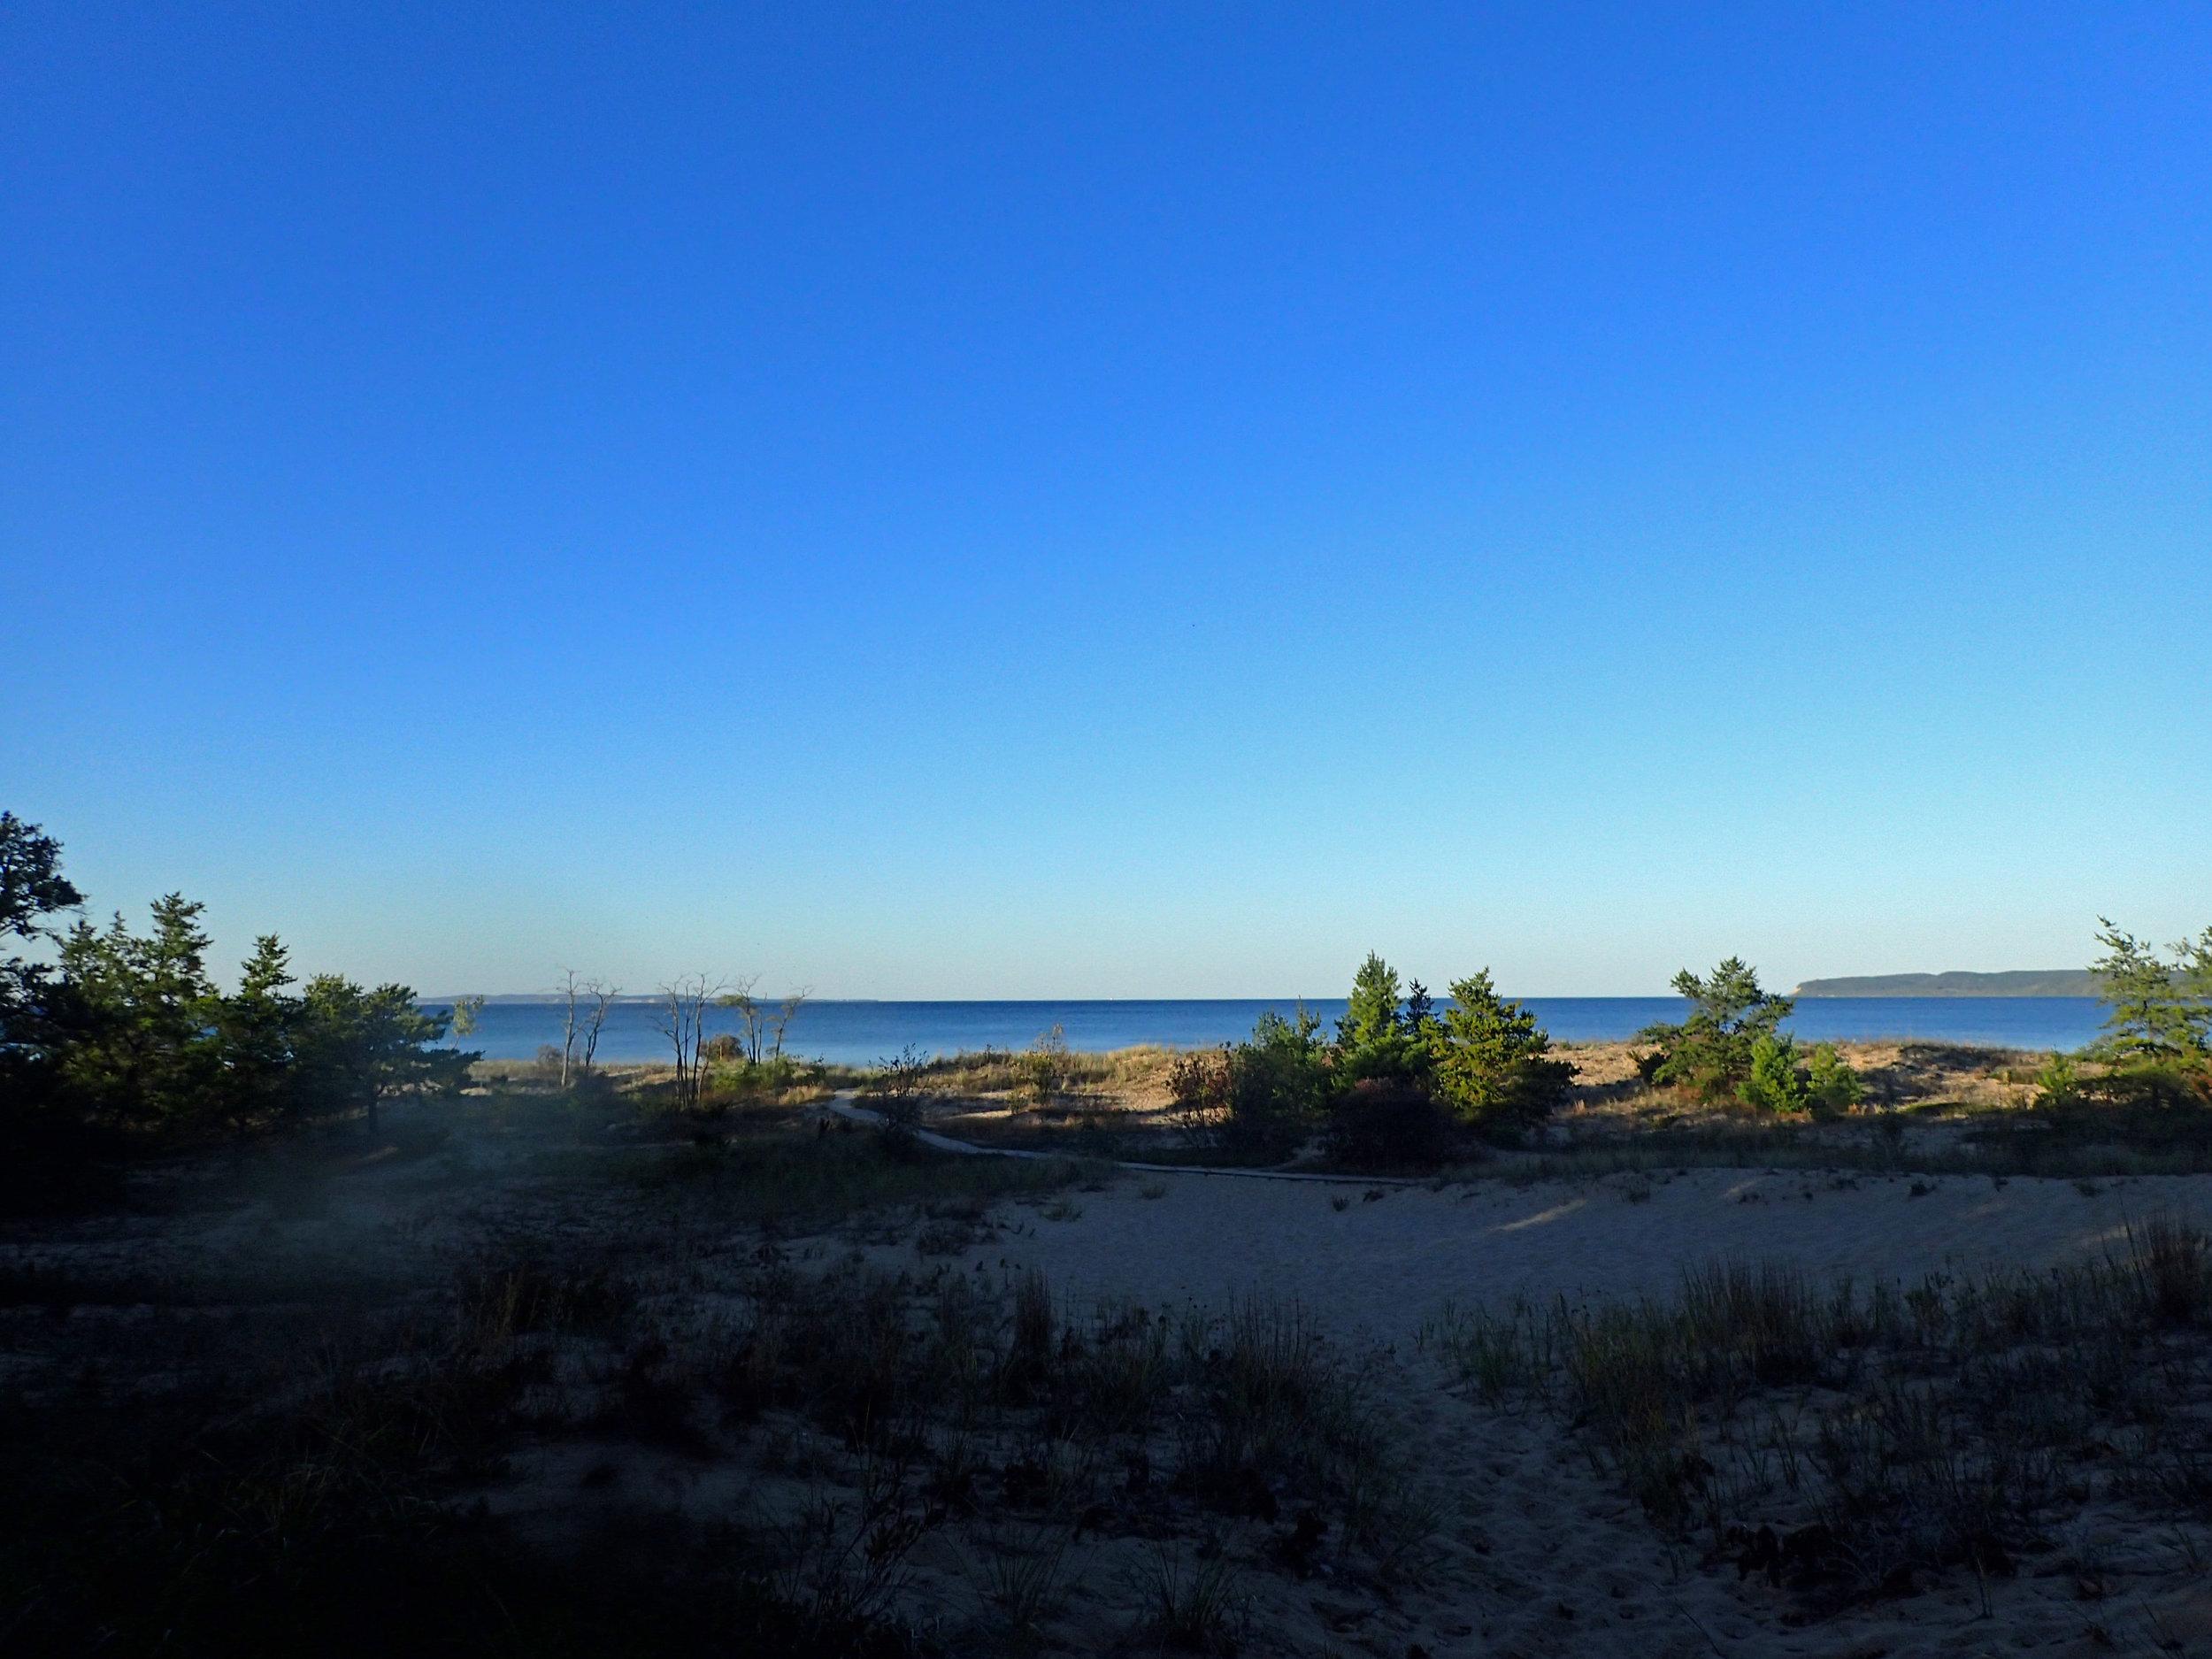 beach near DH Day campground.jpg